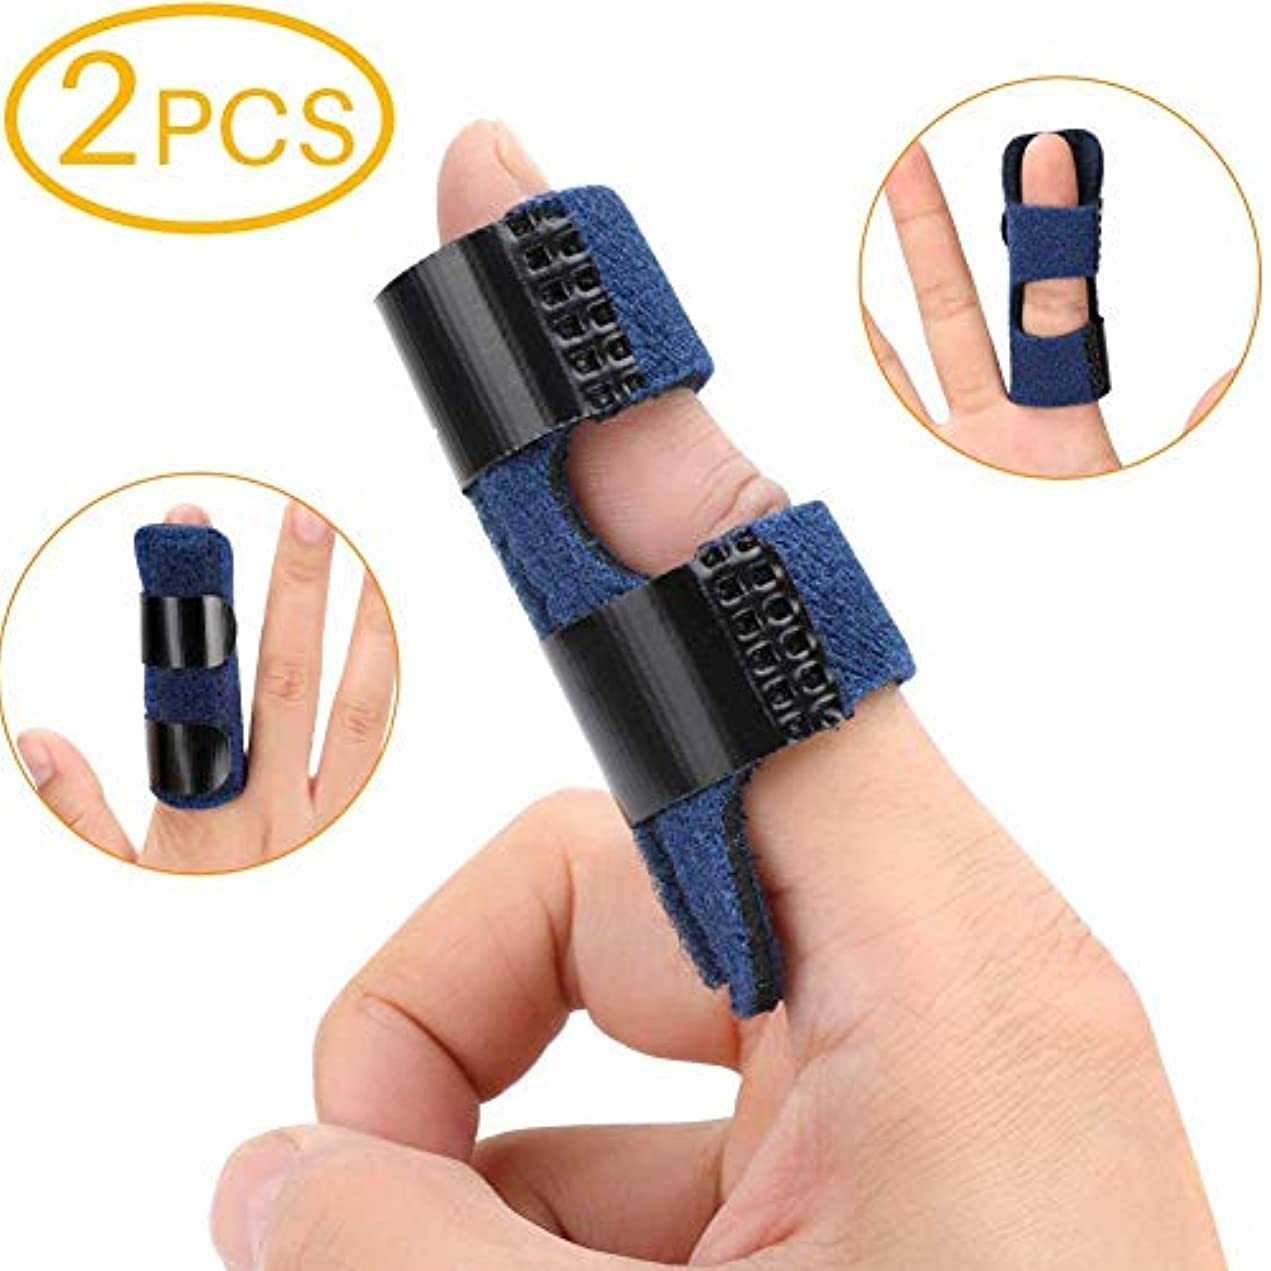 原油一時解雇するリファイン2PCSばね指スプリント、指拡張添え木指ブレース/指矯正ブレース/ばね指ブレース、通気内蔵アルミサポートトリガ、指剛性、変形性関節症、捻挫指の関節の痛みを軽減します